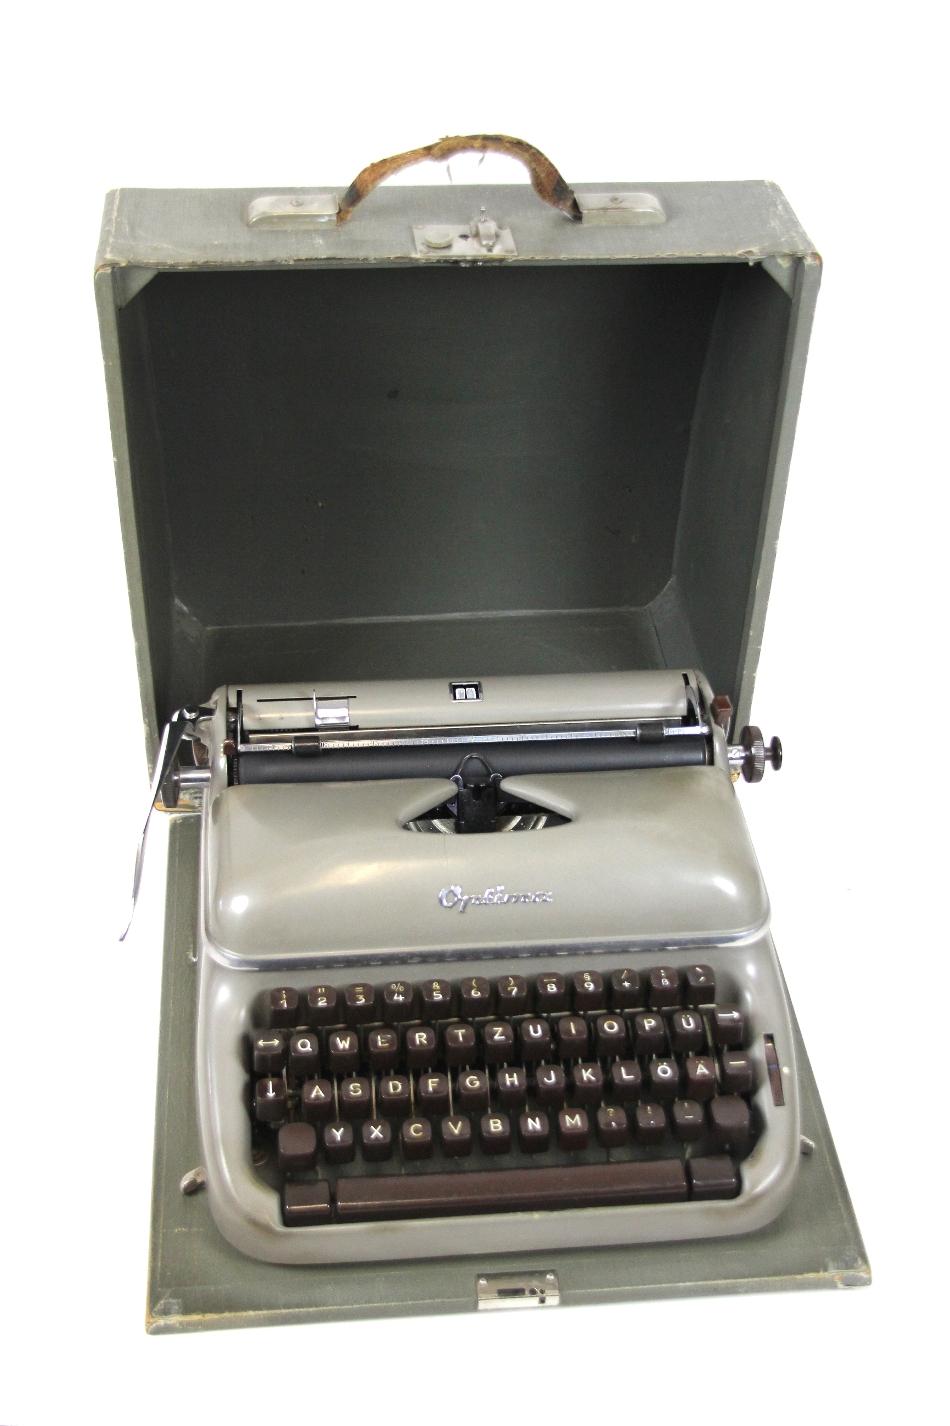 alte optima elite 3 reise schreibmaschine koffer kleinschreibmaschine typewriter ebay. Black Bedroom Furniture Sets. Home Design Ideas